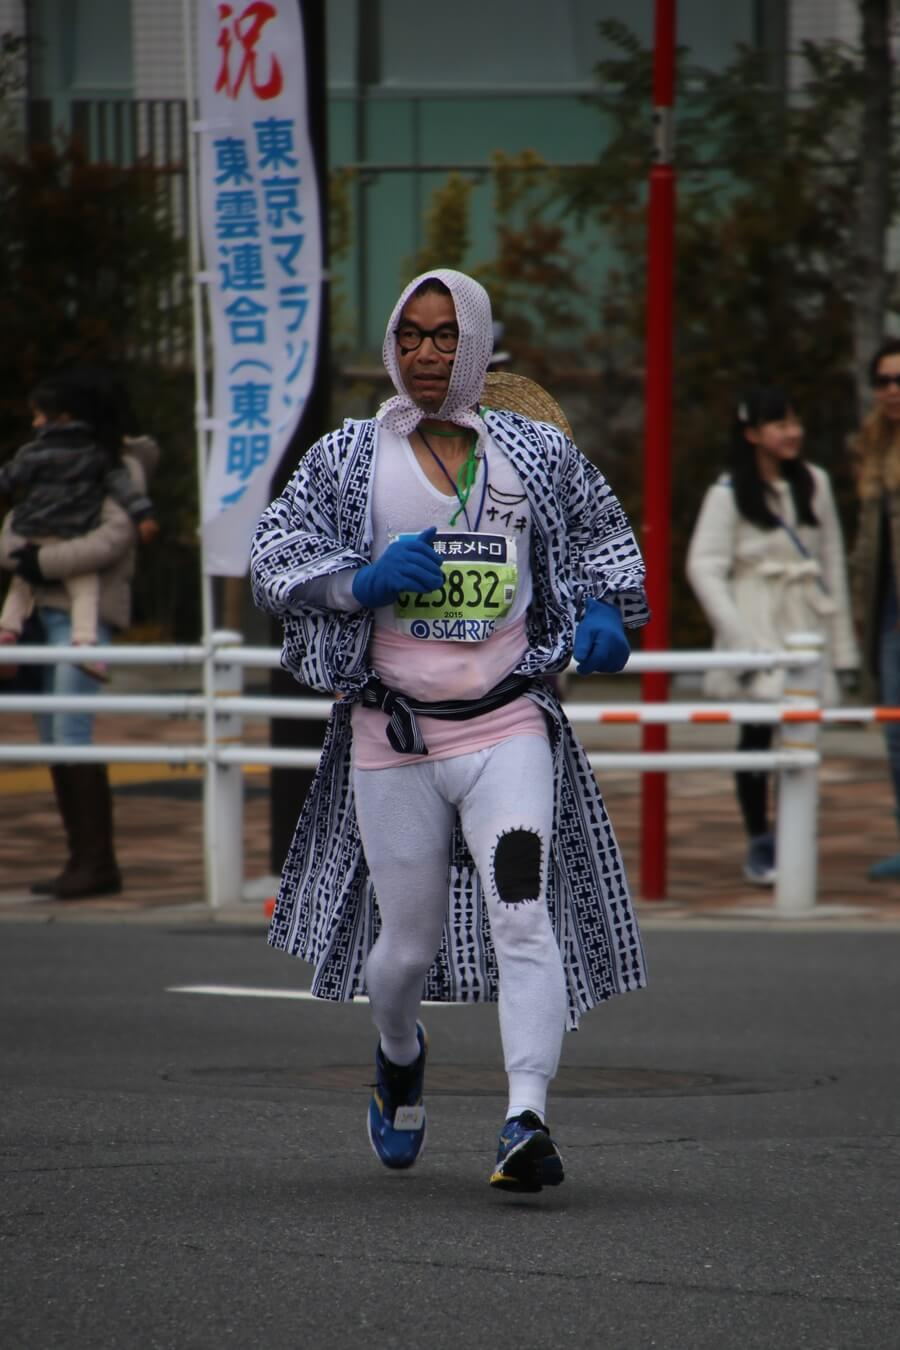 tokyo_marathon_2015 (15)